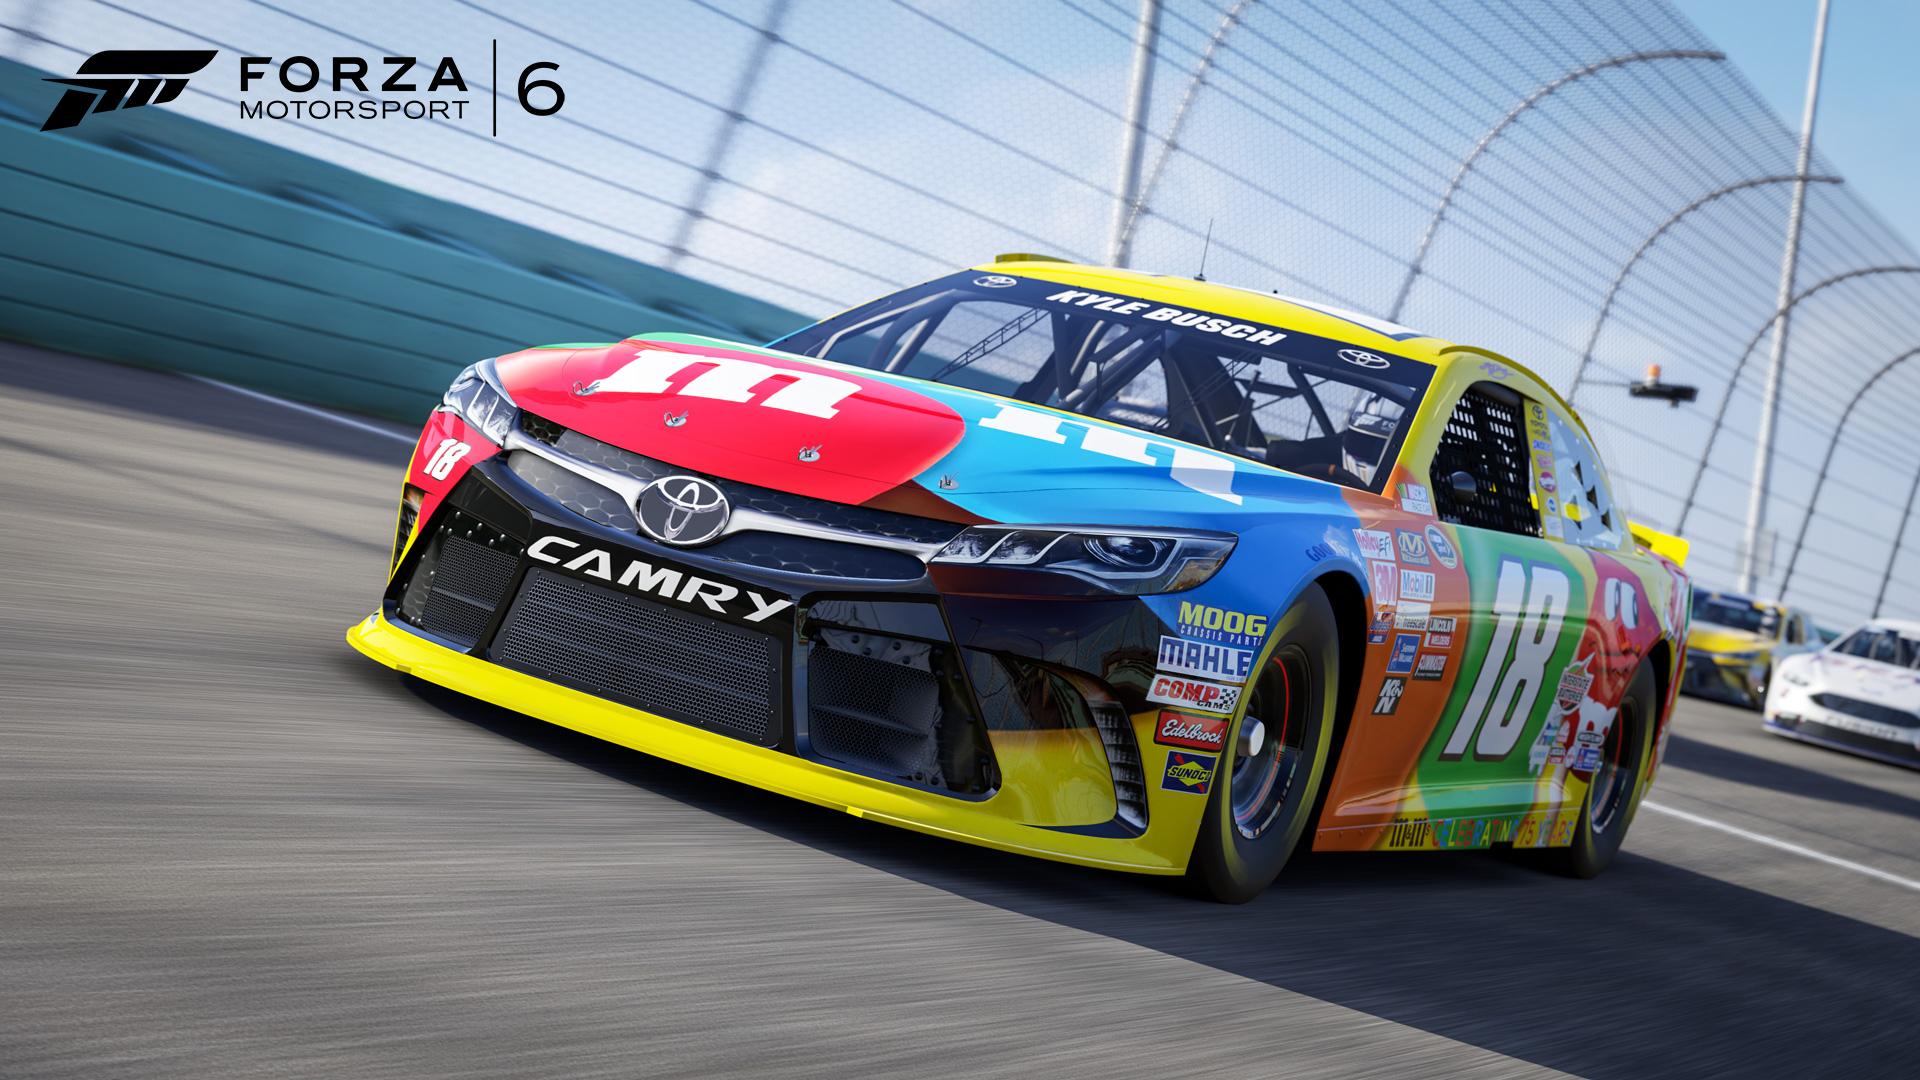 Toyota | Forza Motorsport Wiki | FANDOM powered by Wikia